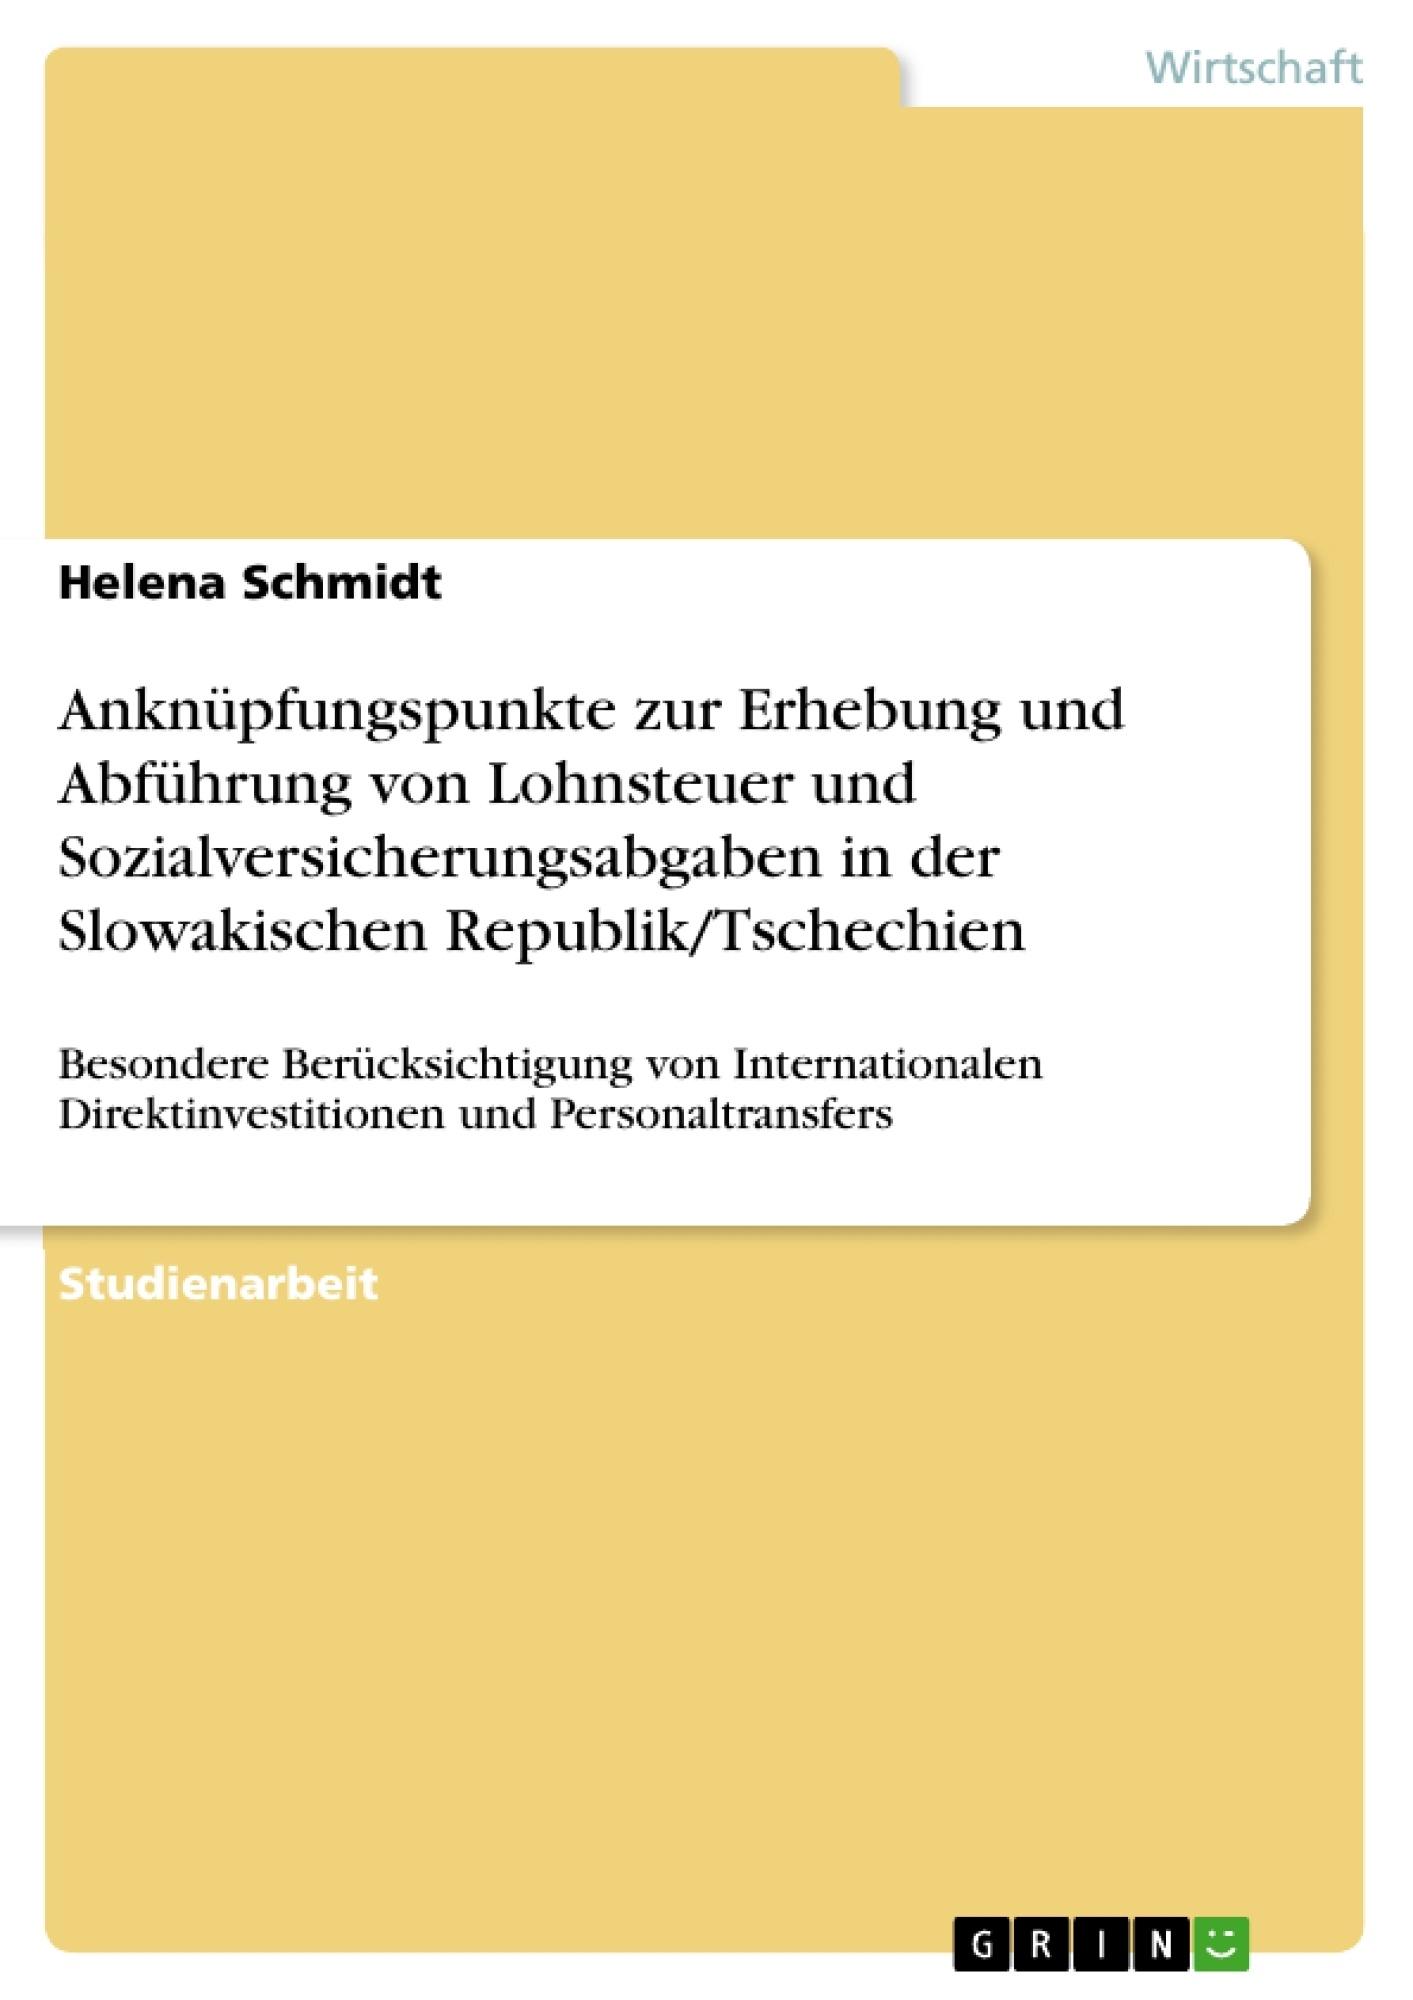 Titel: Anknüpfungspunkte zur Erhebung und Abführung von Lohnsteuer und Sozialversicherungsabgaben in der Slowakischen Republik/Tschechien